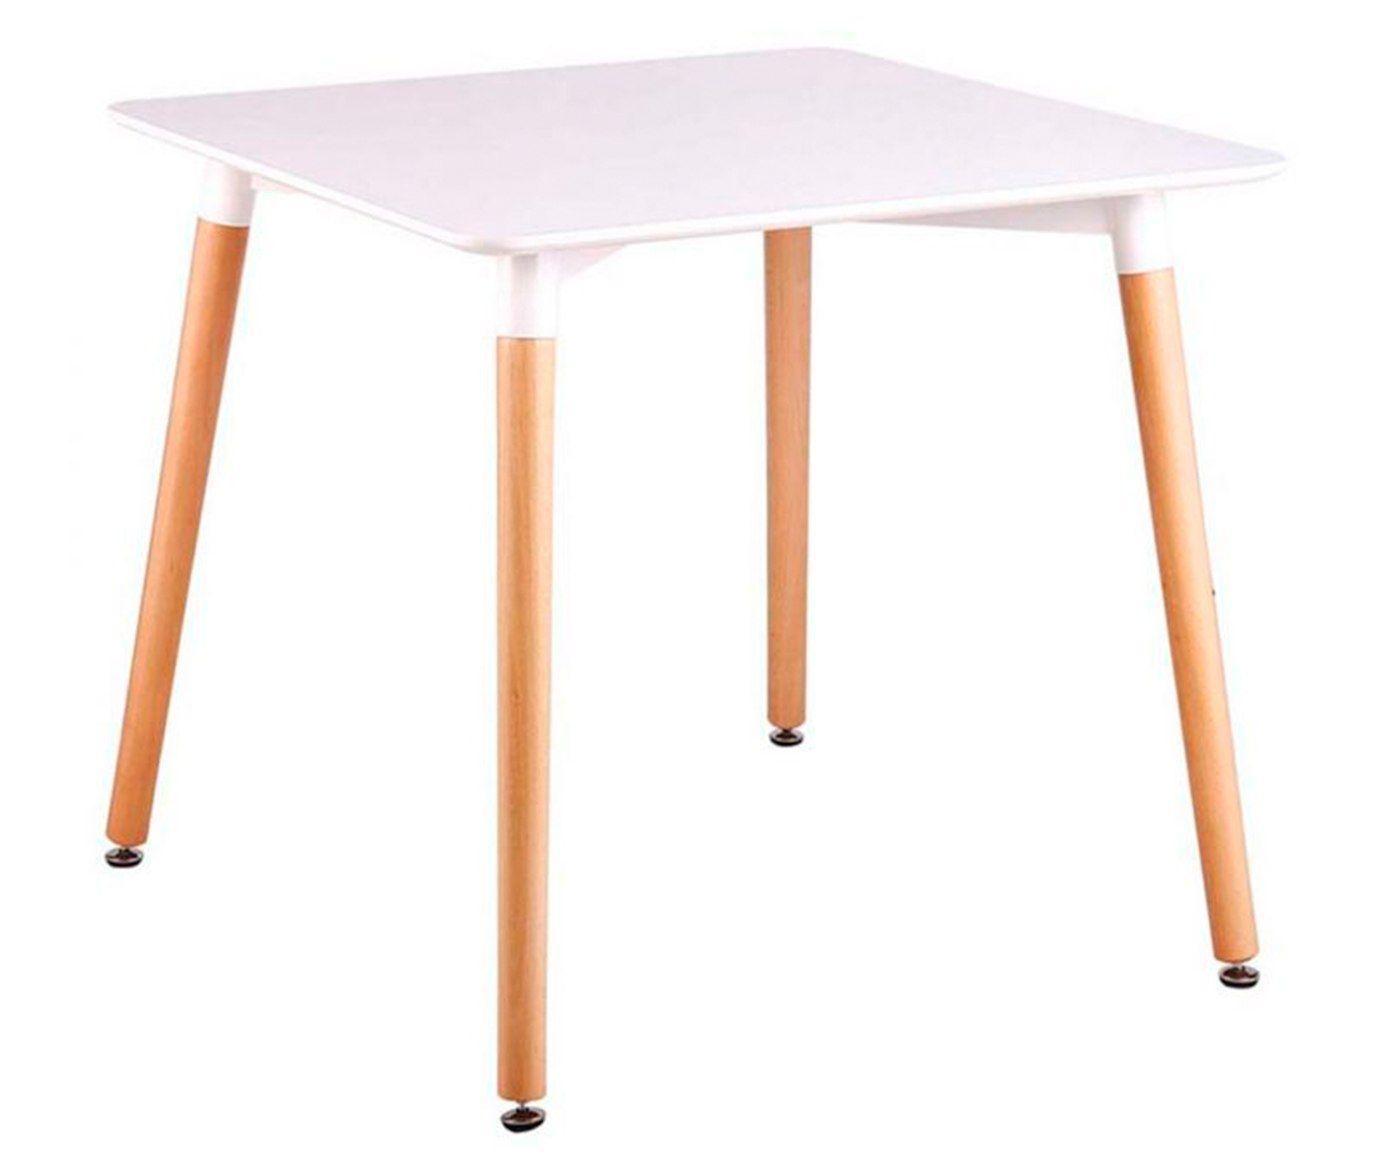 Mesa oblong square union - 100cm | Westwing.com.br